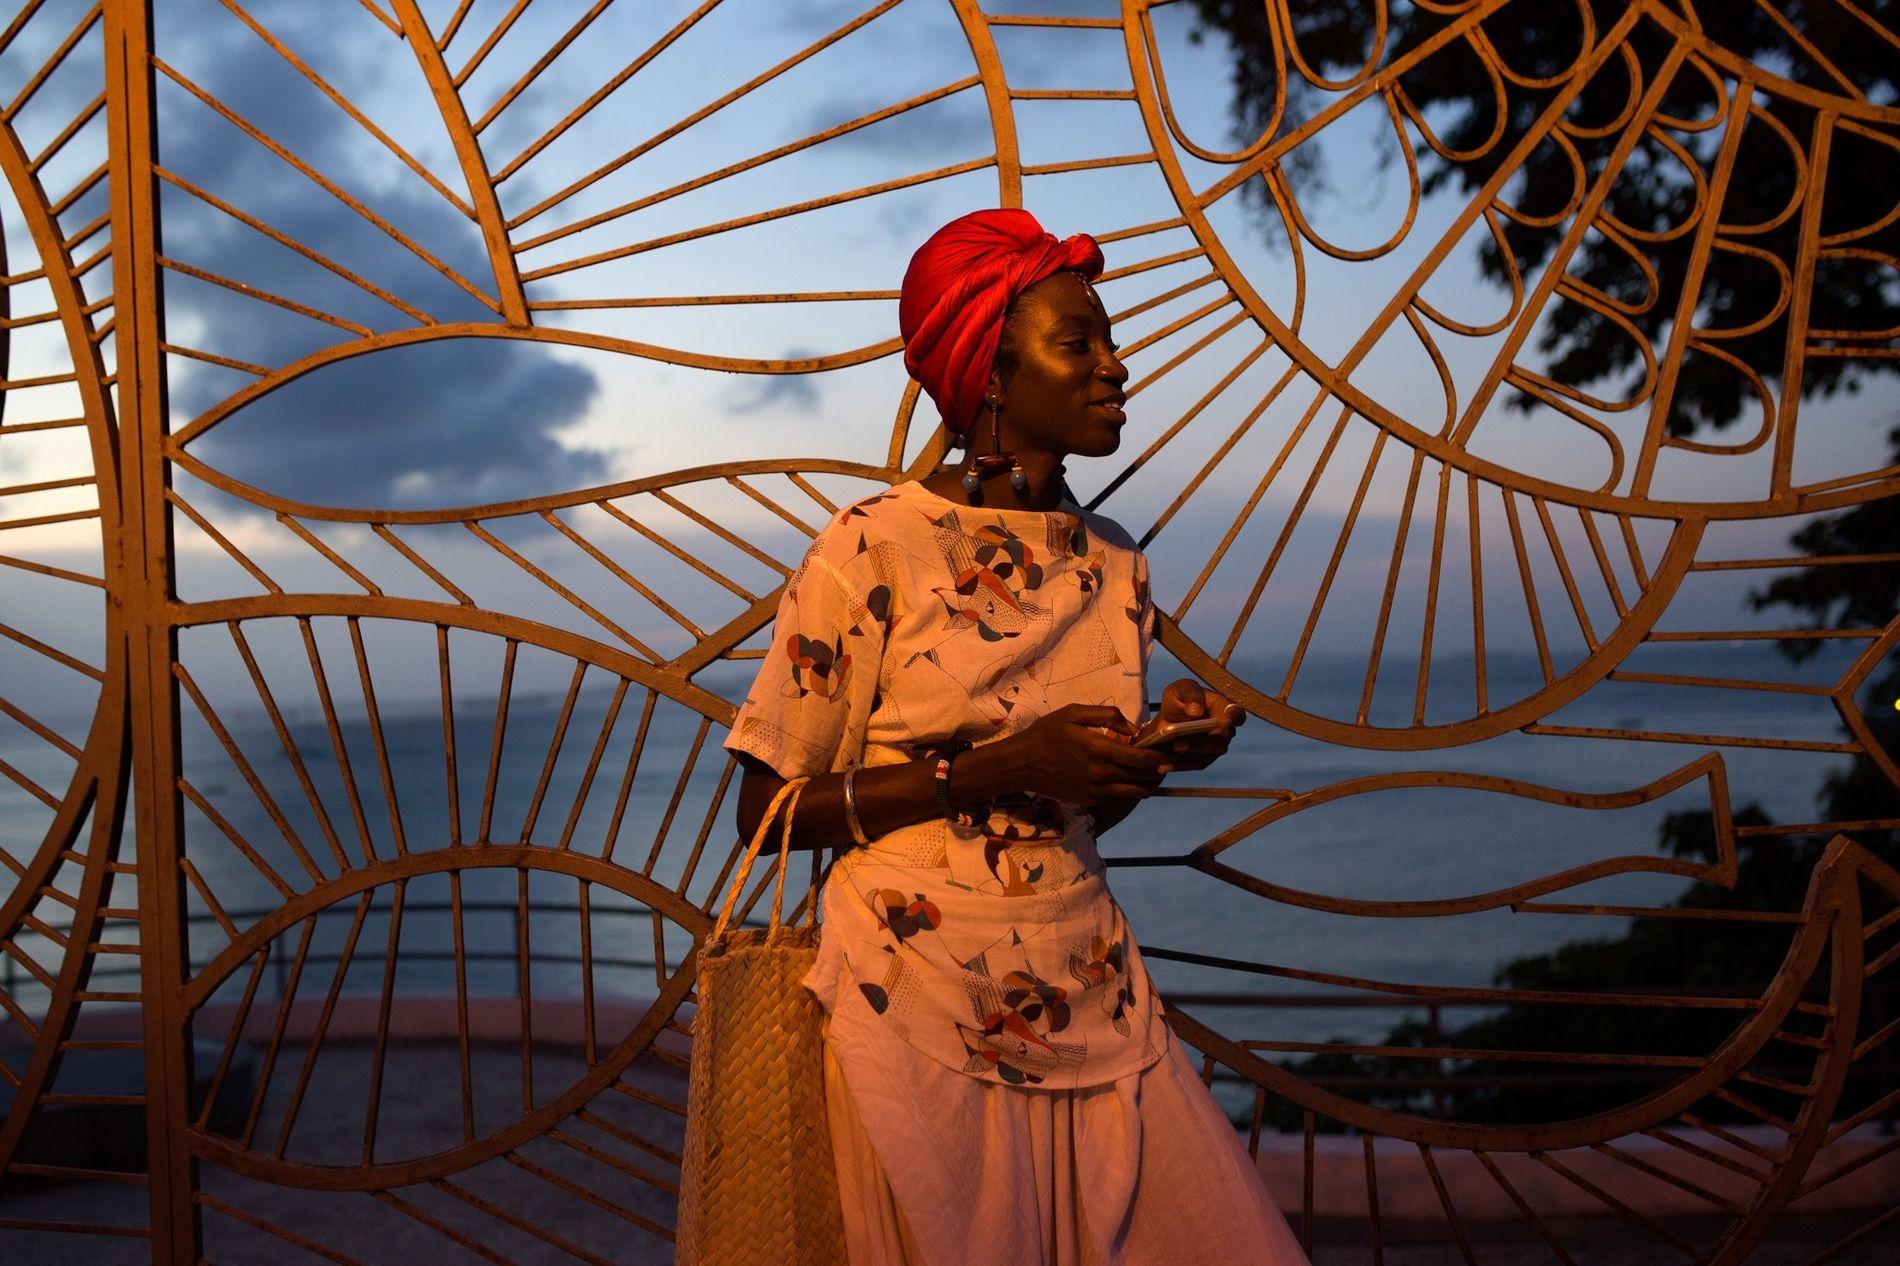 Luma Nascimento espera un taxi en una concurrida calle de Salvador. Luma es parte del bloque africano-brasileño Os Negões, uno de los diferentes grupos de carnaval que se enfoca en las relaciones étnicas en Salvador.